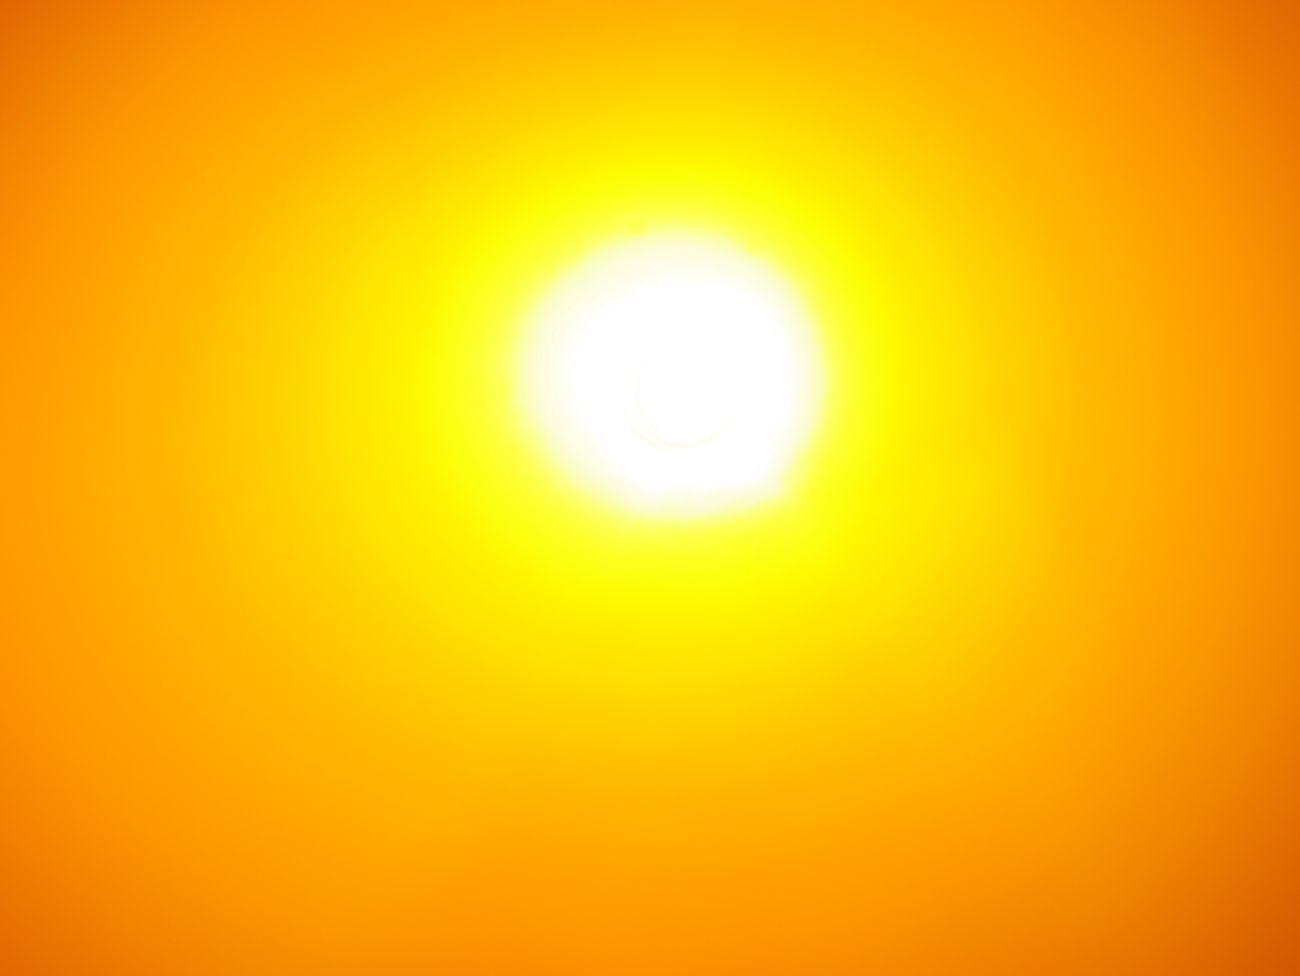 looking straight into the sunlight Yellow Photo Art Abstract Sun Sunlight Bright